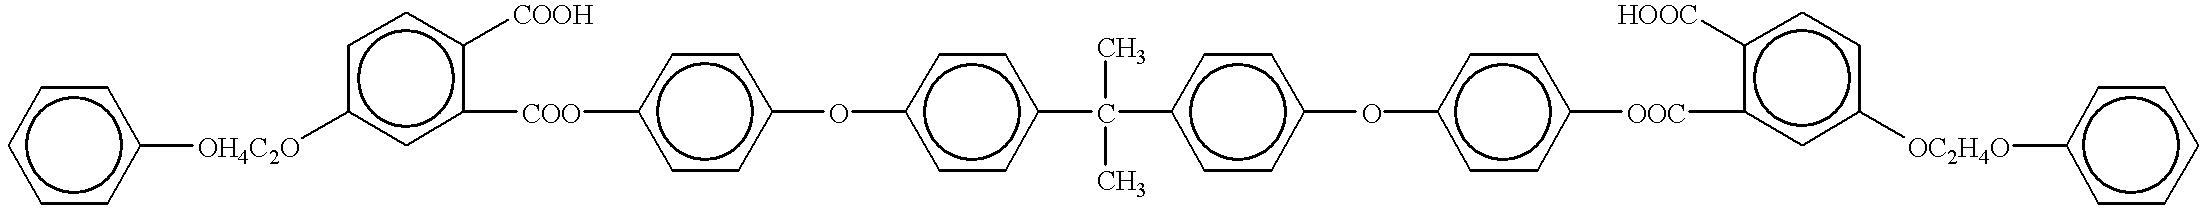 Figure US06180560-20010130-C00259